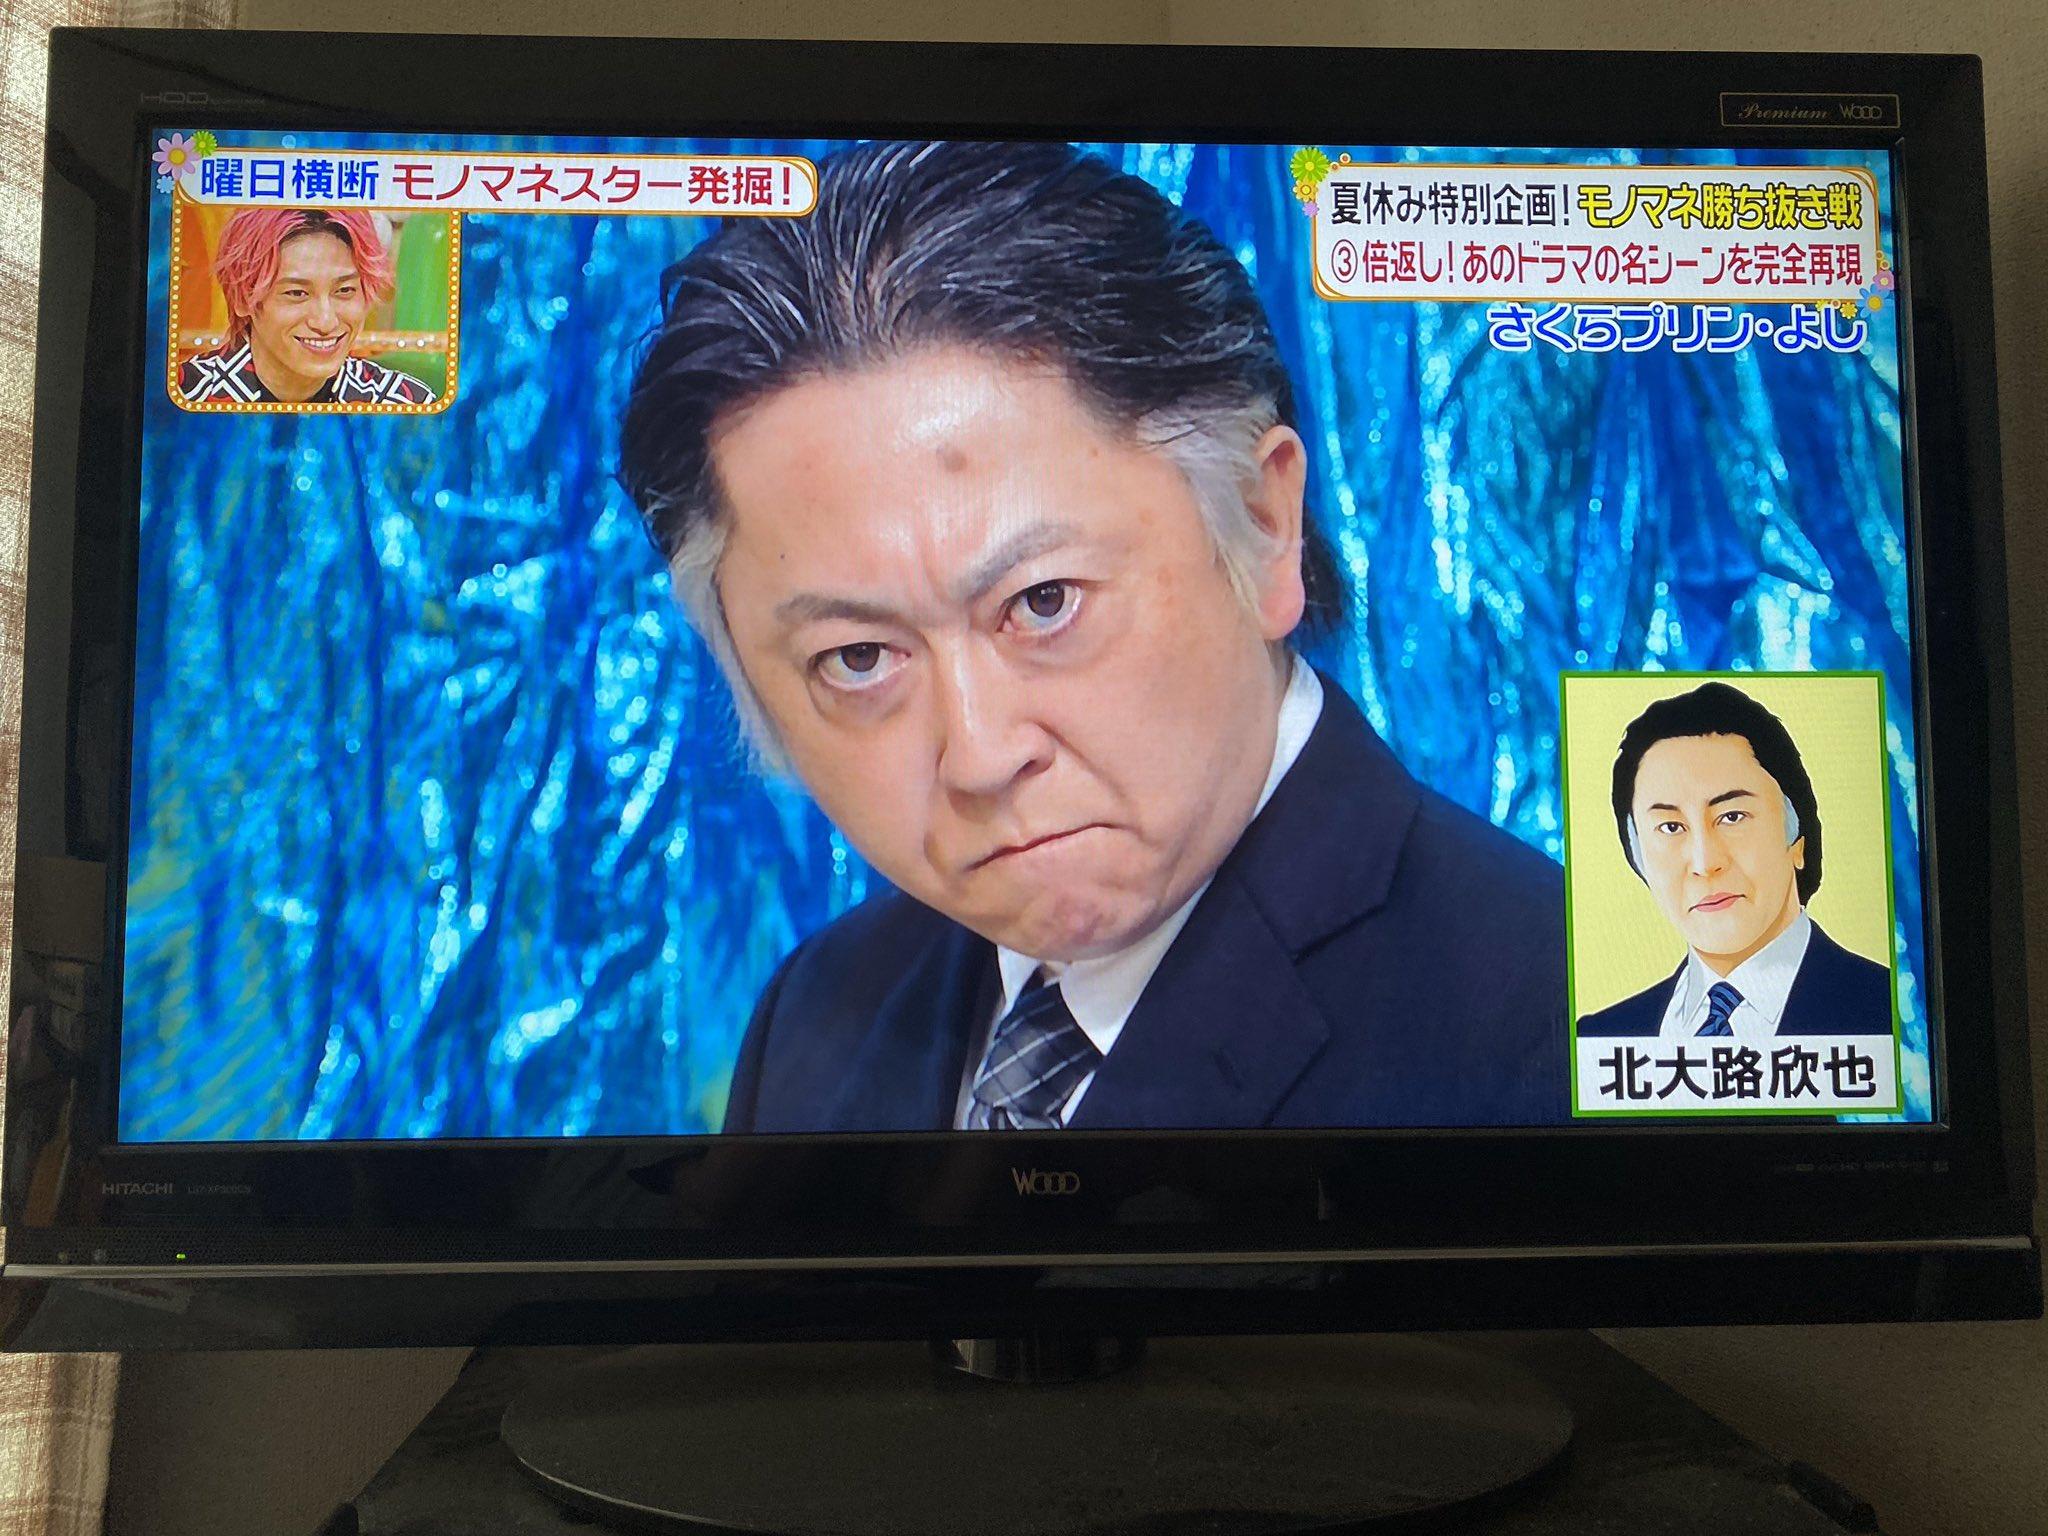 「ヒルナンデス!」に登場